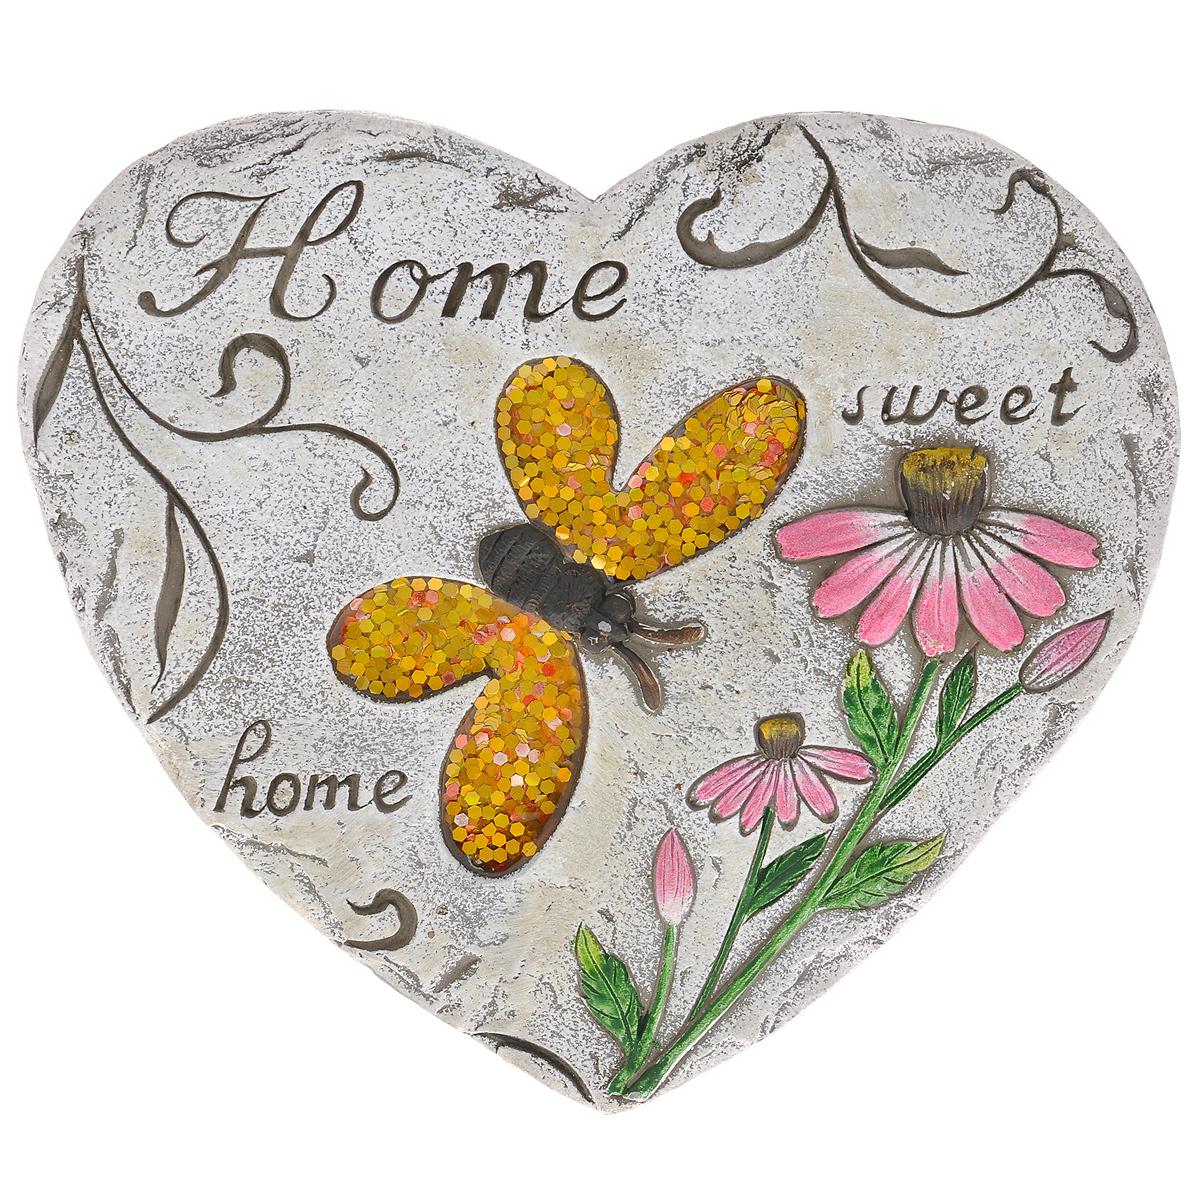 Декоративная фигурка Сердце, 26 х 23 х 1,5 см 2833328333Декоративная фигурка Сердце прекрасно подойдет для украшения интерьера дома. Изделие выполнено из цемента в виде сердца и имеет шероховатую поверхность. Фигурка декорирована изображением бабочки, крылья которой украшены желтыми блестками и покрыты эмалью, рельефом в виде розовых цветов и высеченной надписью Home sweet home. Изящная фигурка станет прекрасным подарком, который обязательно порадует получателя.